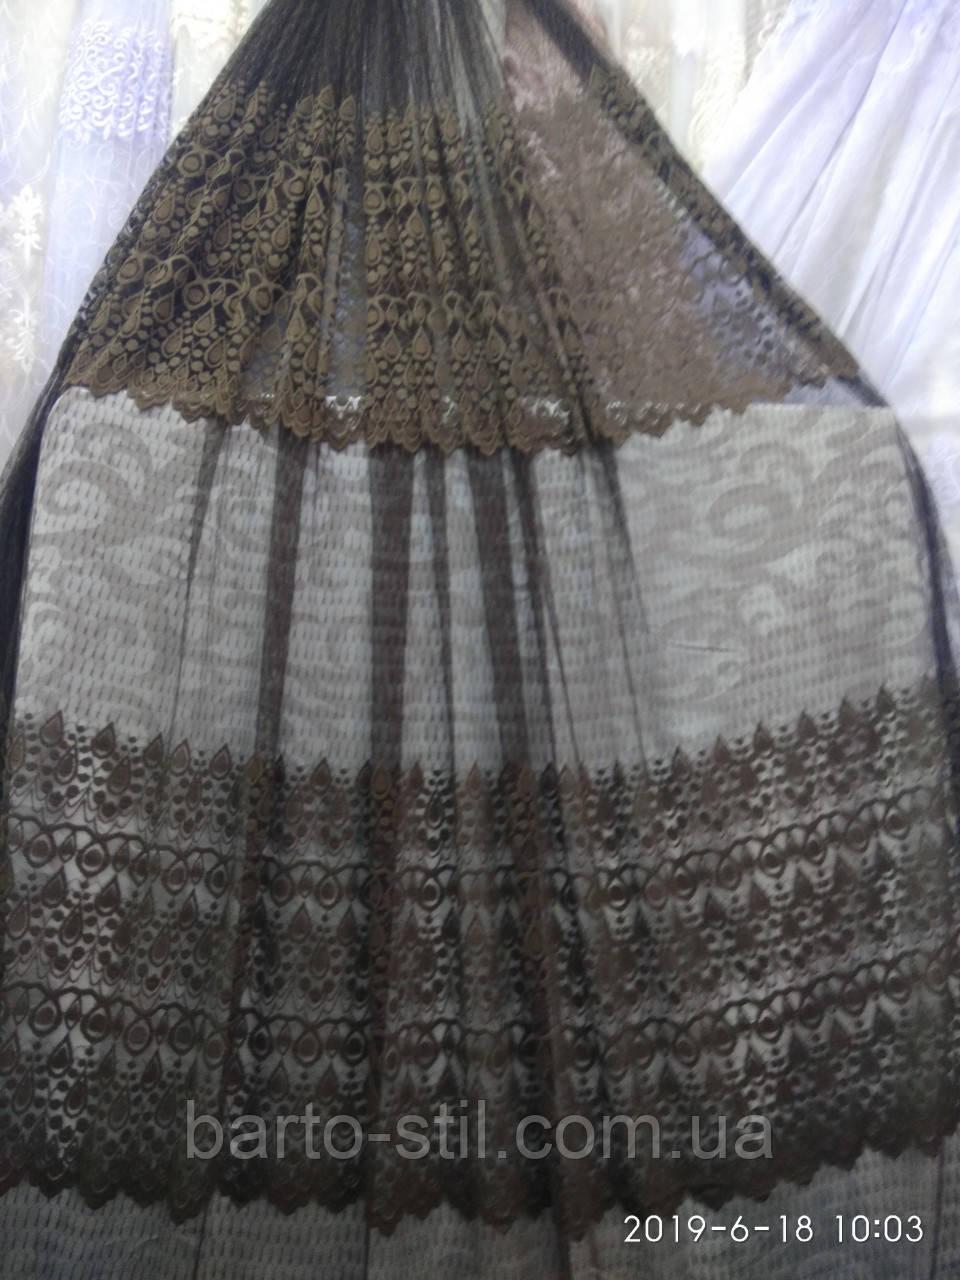 Тюль с ажурным ресунком (основа фатин) Высота 3 м